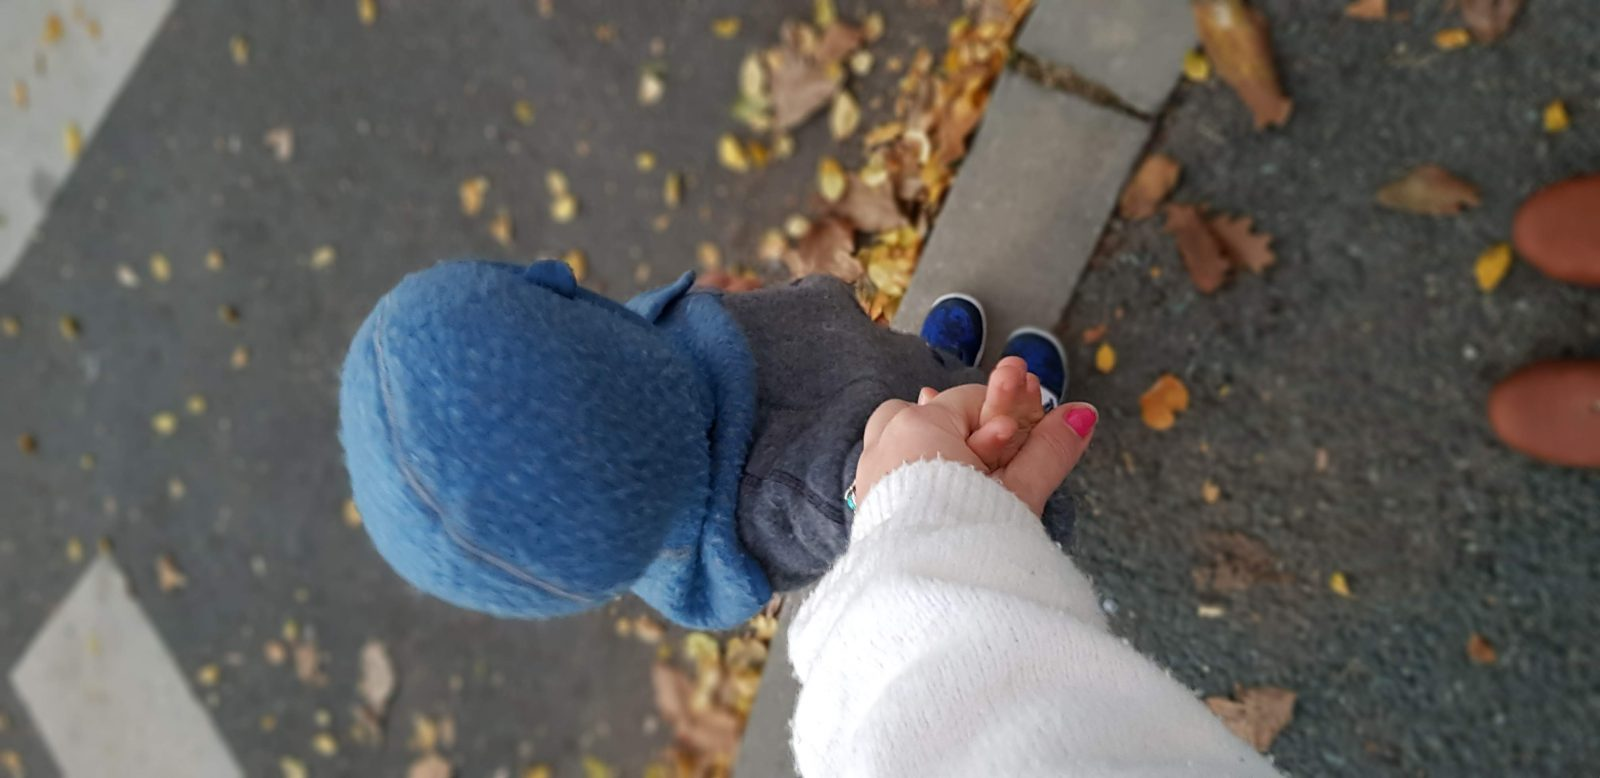 Ţine-mă de mână până când…nu o să mă mai ţii